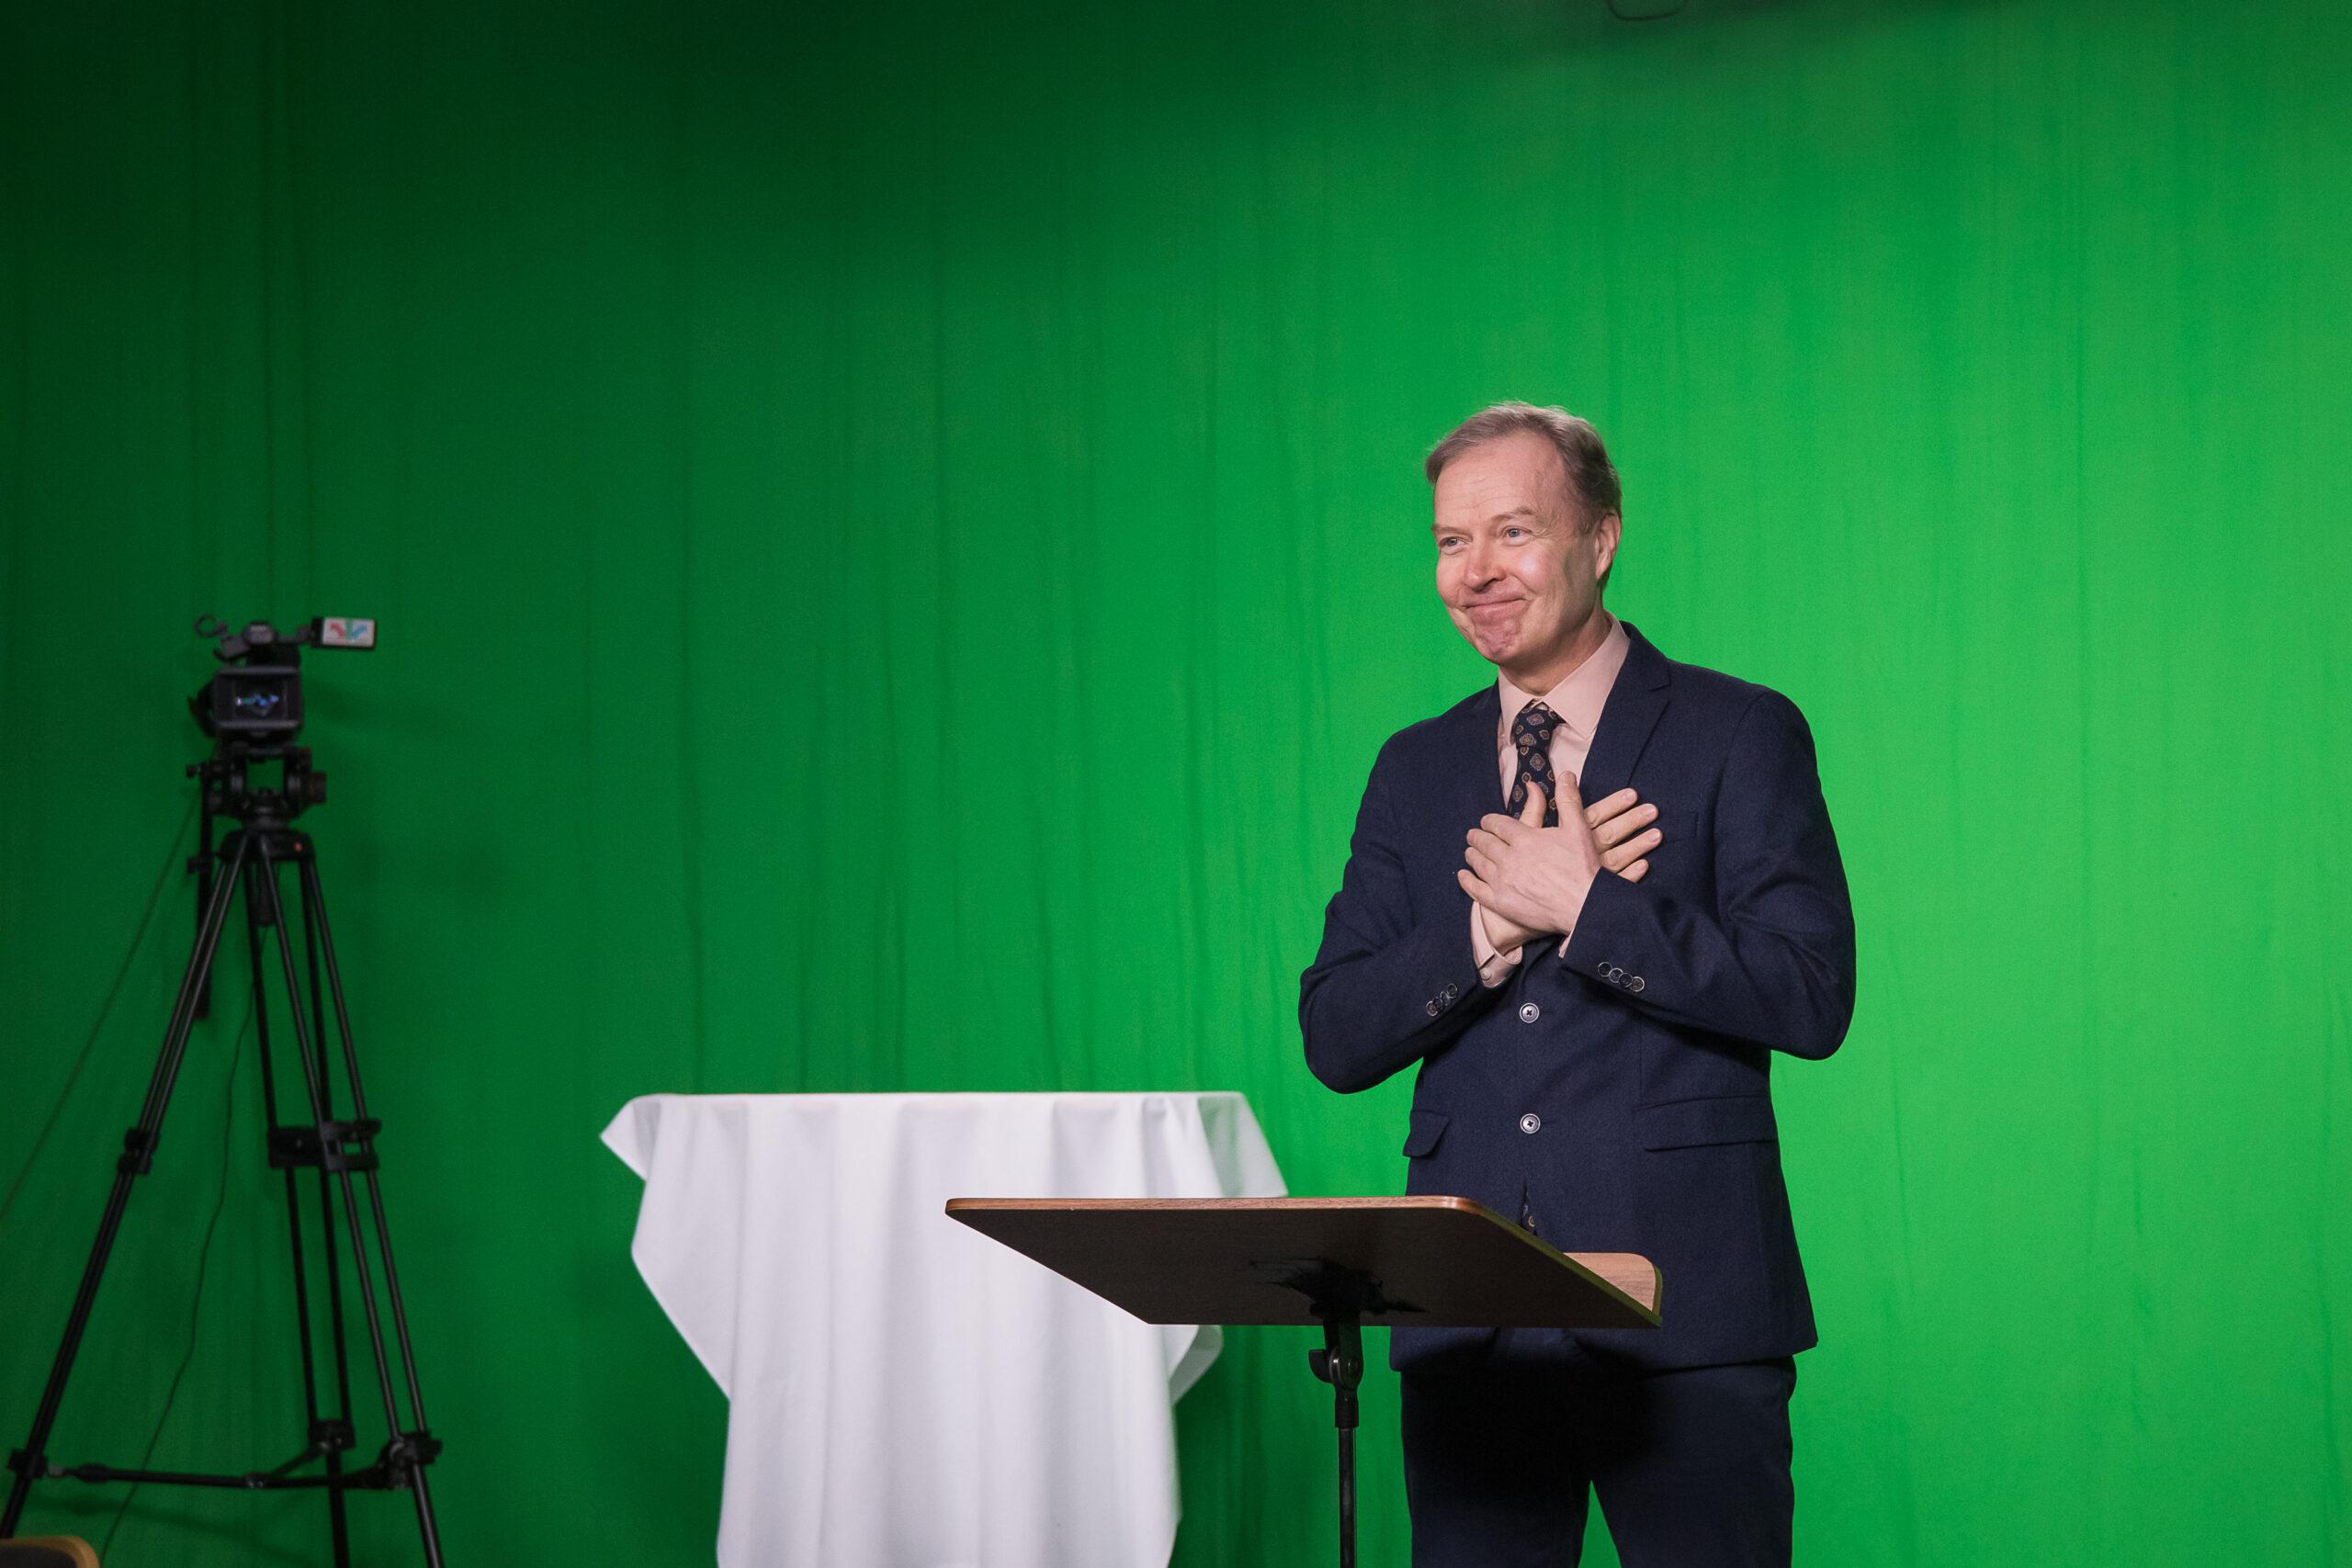 Kuurojen Liiton toiminnanjohtaja Markku Jokinen viittoo kädet rinnalla kameralle..